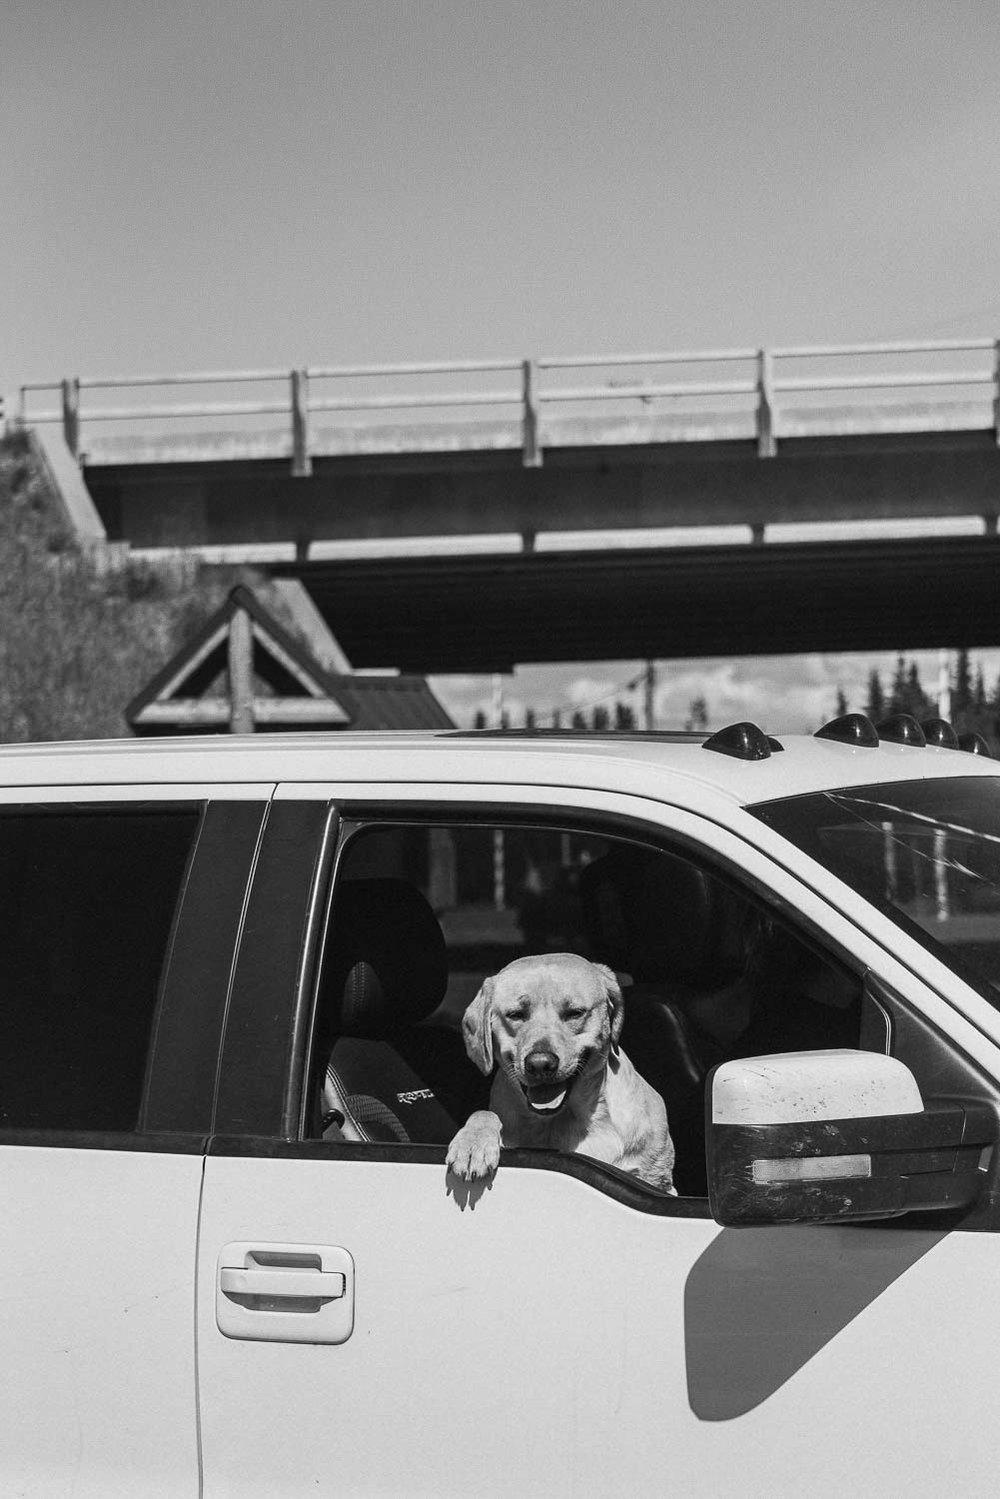 hund tittar ut från fönster på en bil i alaska usa